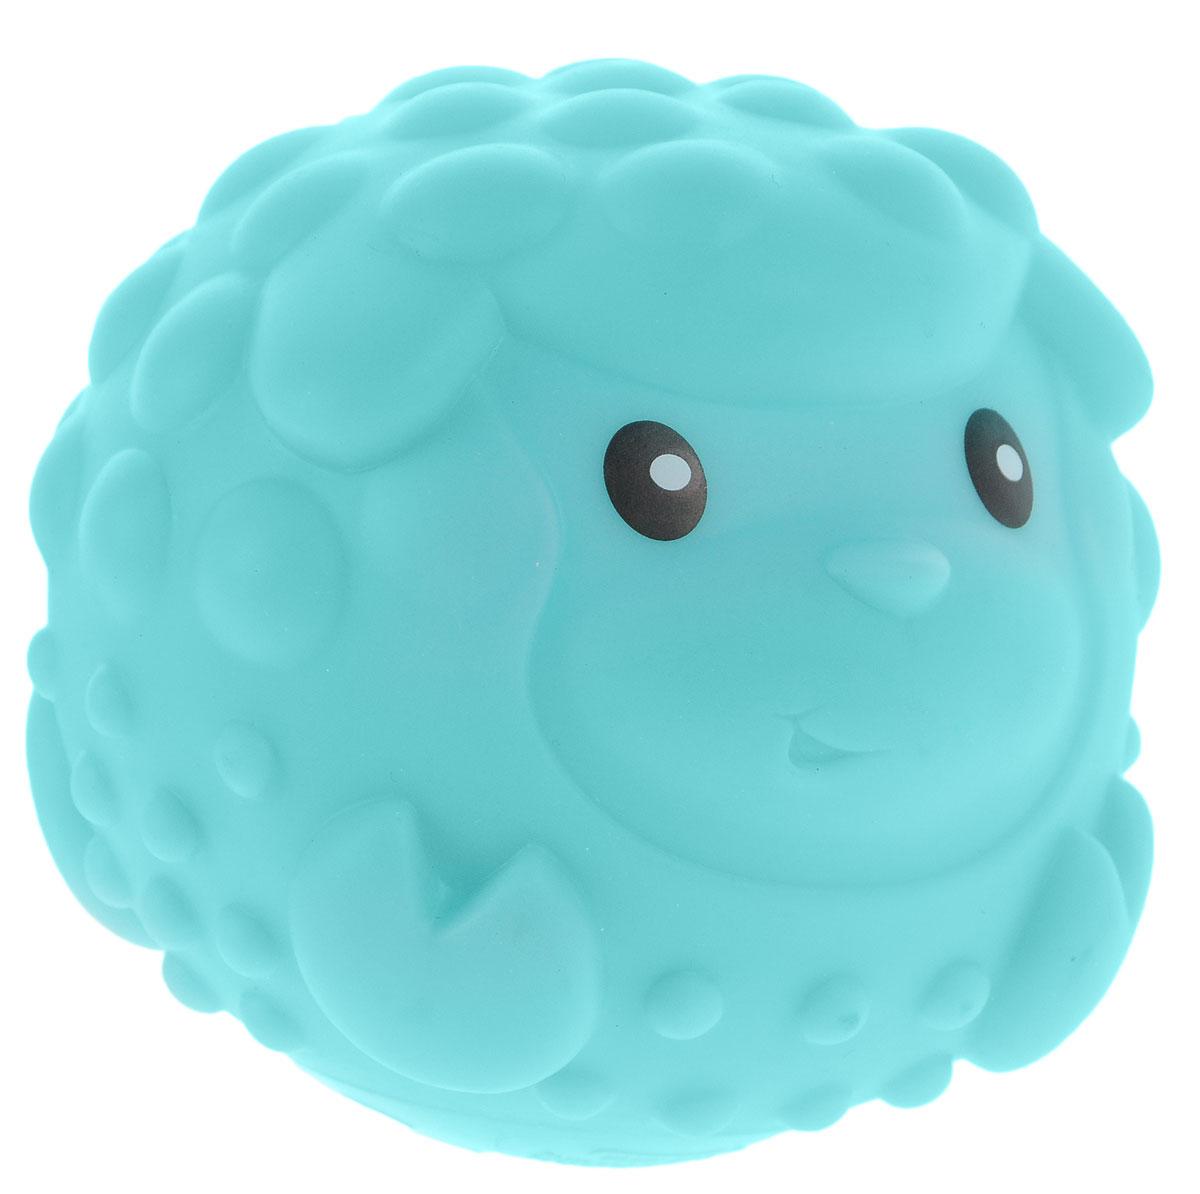 B kids Развивающая игрушка-пищалка Овечка игрушка b kids телевизор 003805b